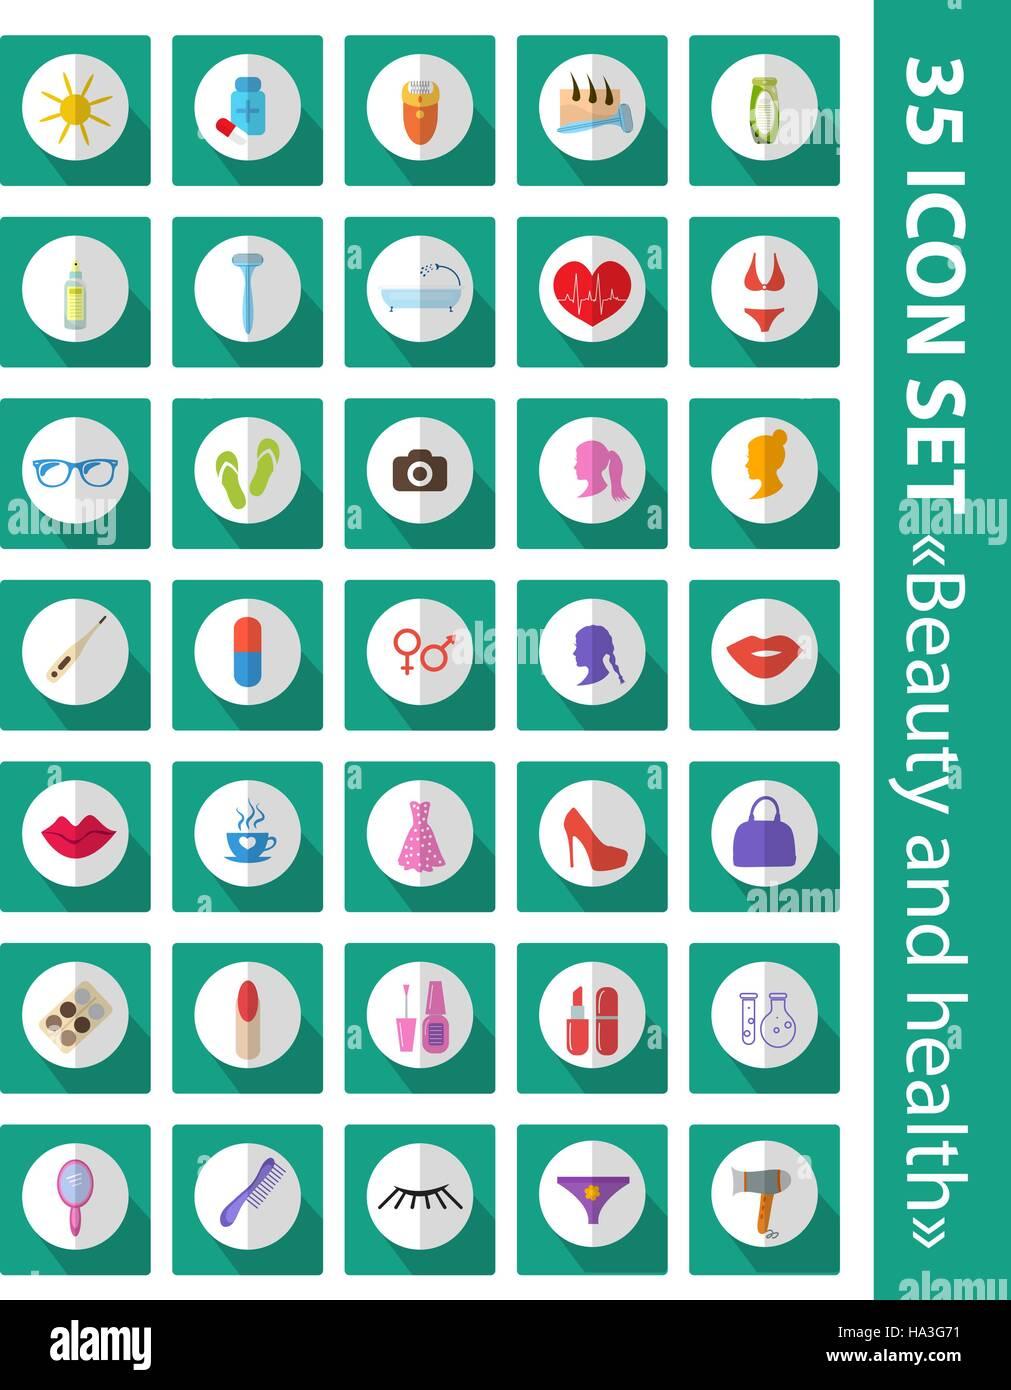 Conjunto de iconos vectoriales plana belleza, moda, salud. Cosméticos y cuidado del cuerpo, 35 conjunto de Imagen De Stock